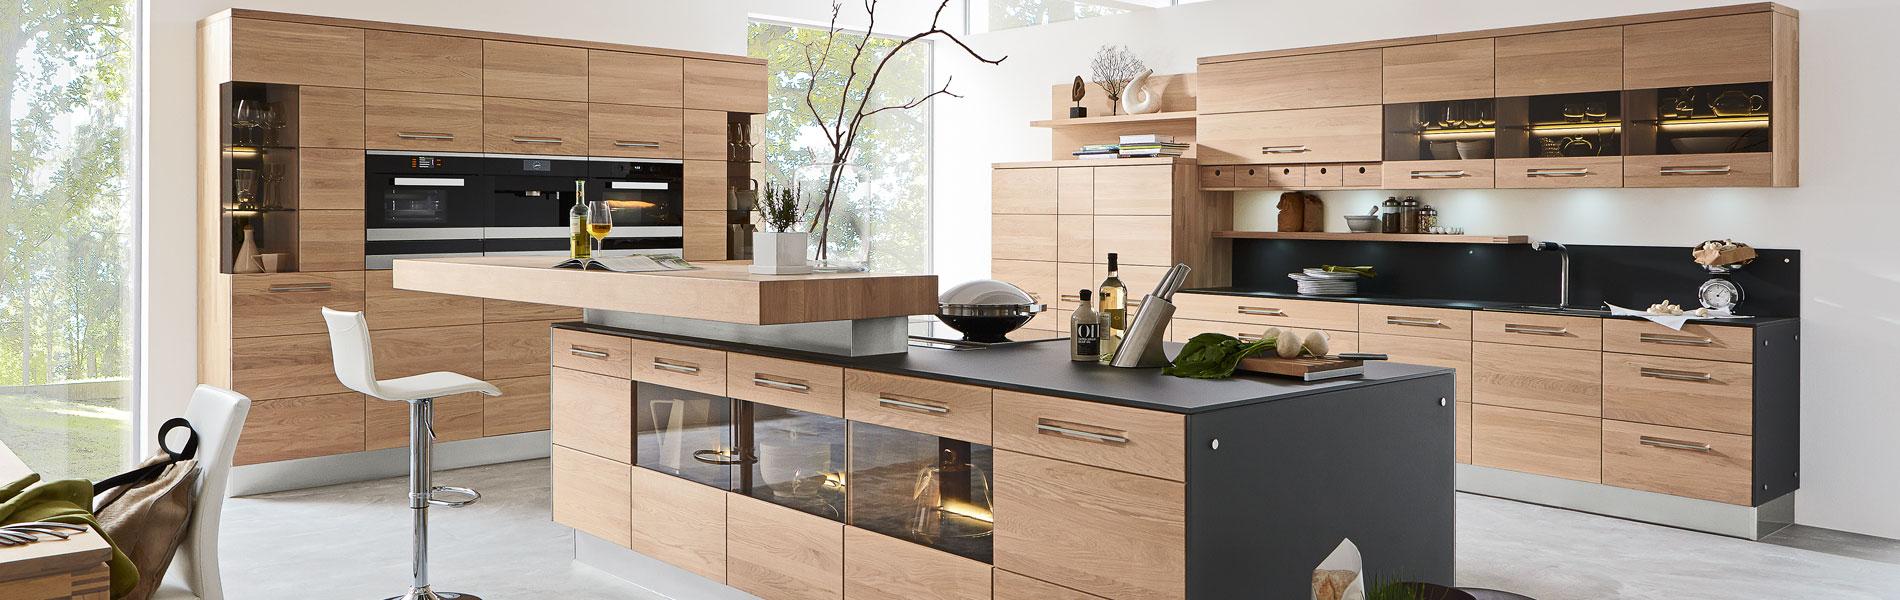 Full Size of Hoffner Kuchen Bad Abverkauf Inselküche Küchen Regal Wohnzimmer Walden Küchen Abverkauf